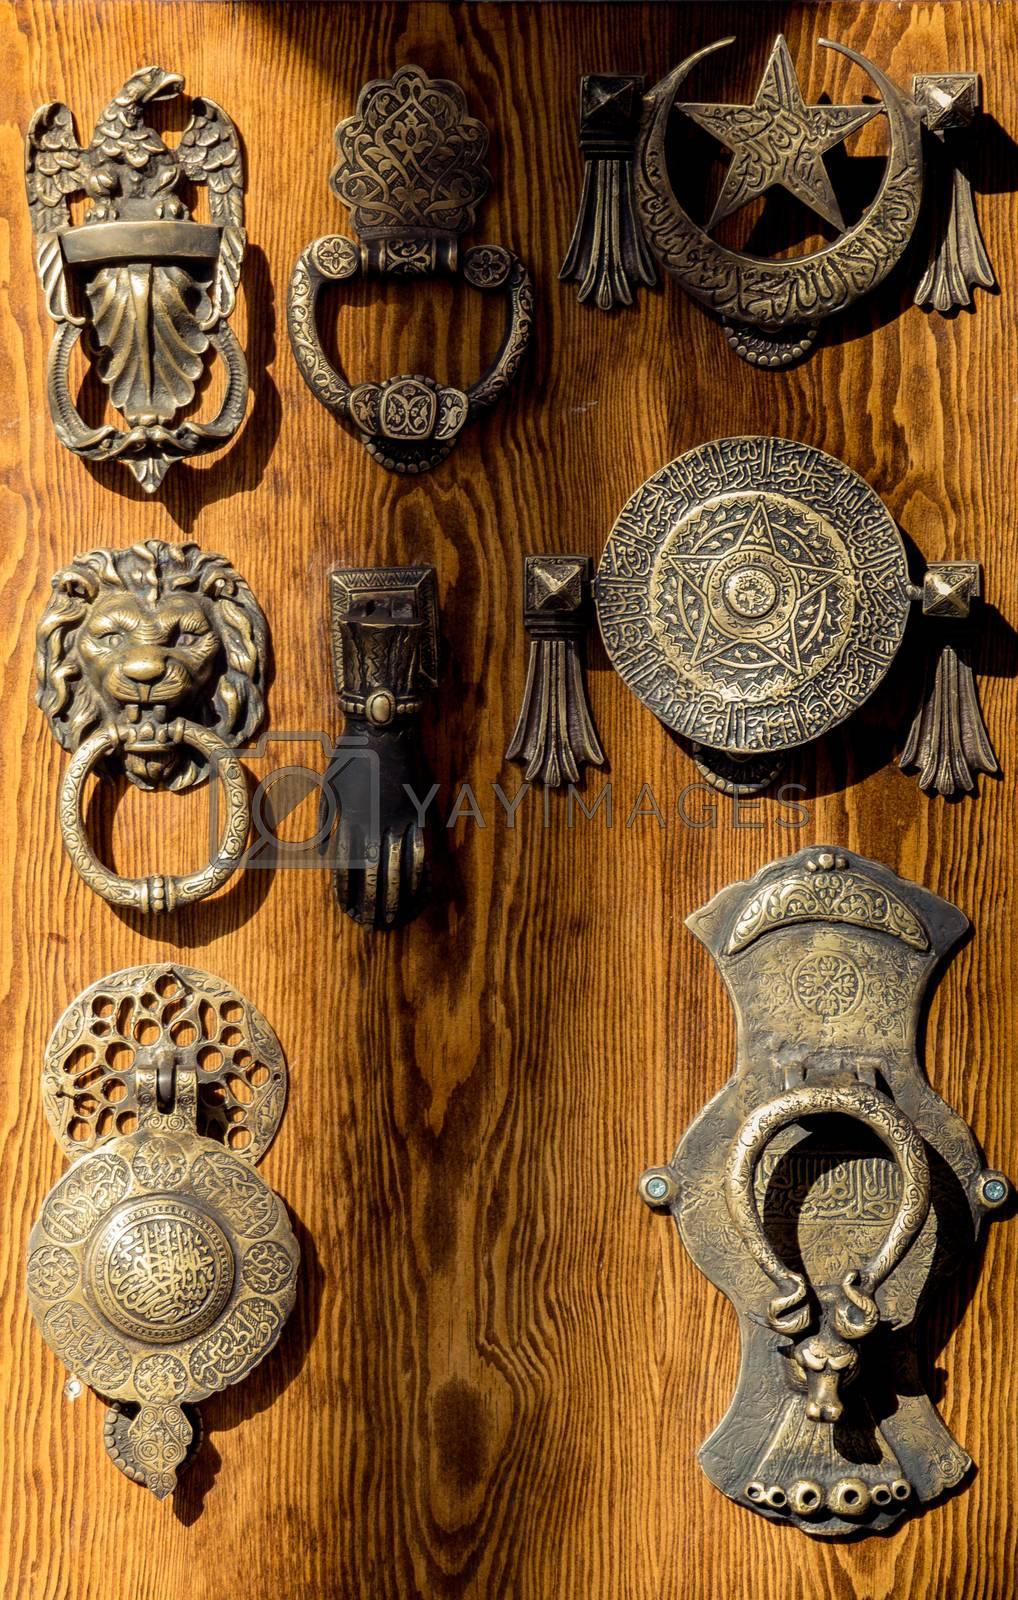 Old Handmade ottoman door handle made of metal